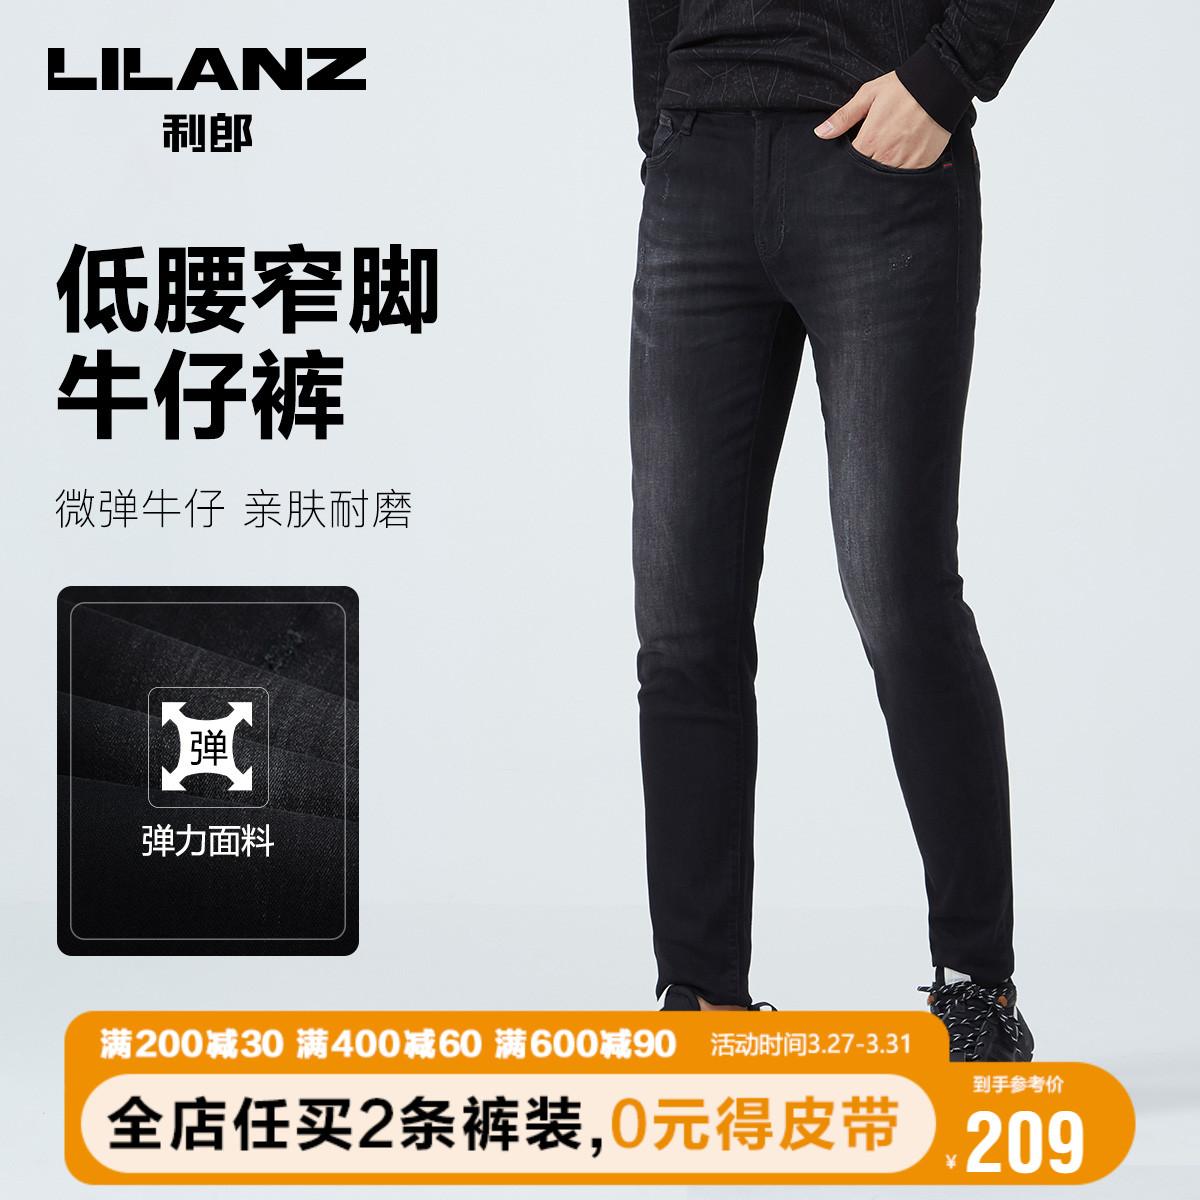 利郎官方男含棉低腰猫须磨白牛仔裤怎么样